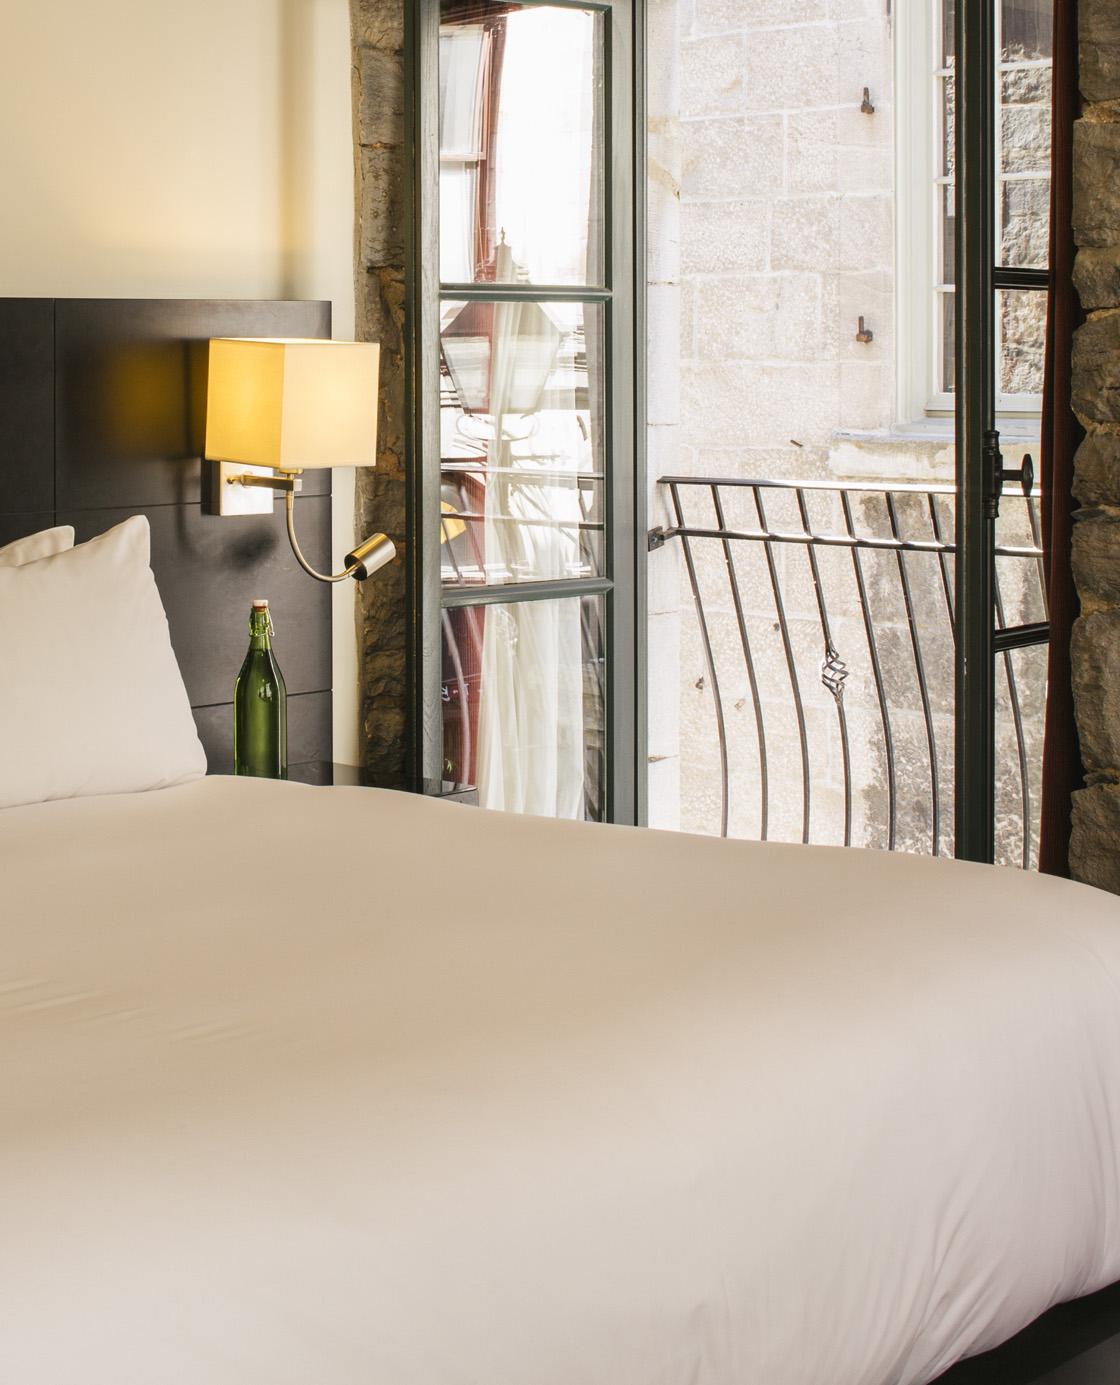 Un lit et une fenêtre ouverte sur l'extérieur dans une des chambres du Petit Hôtel.